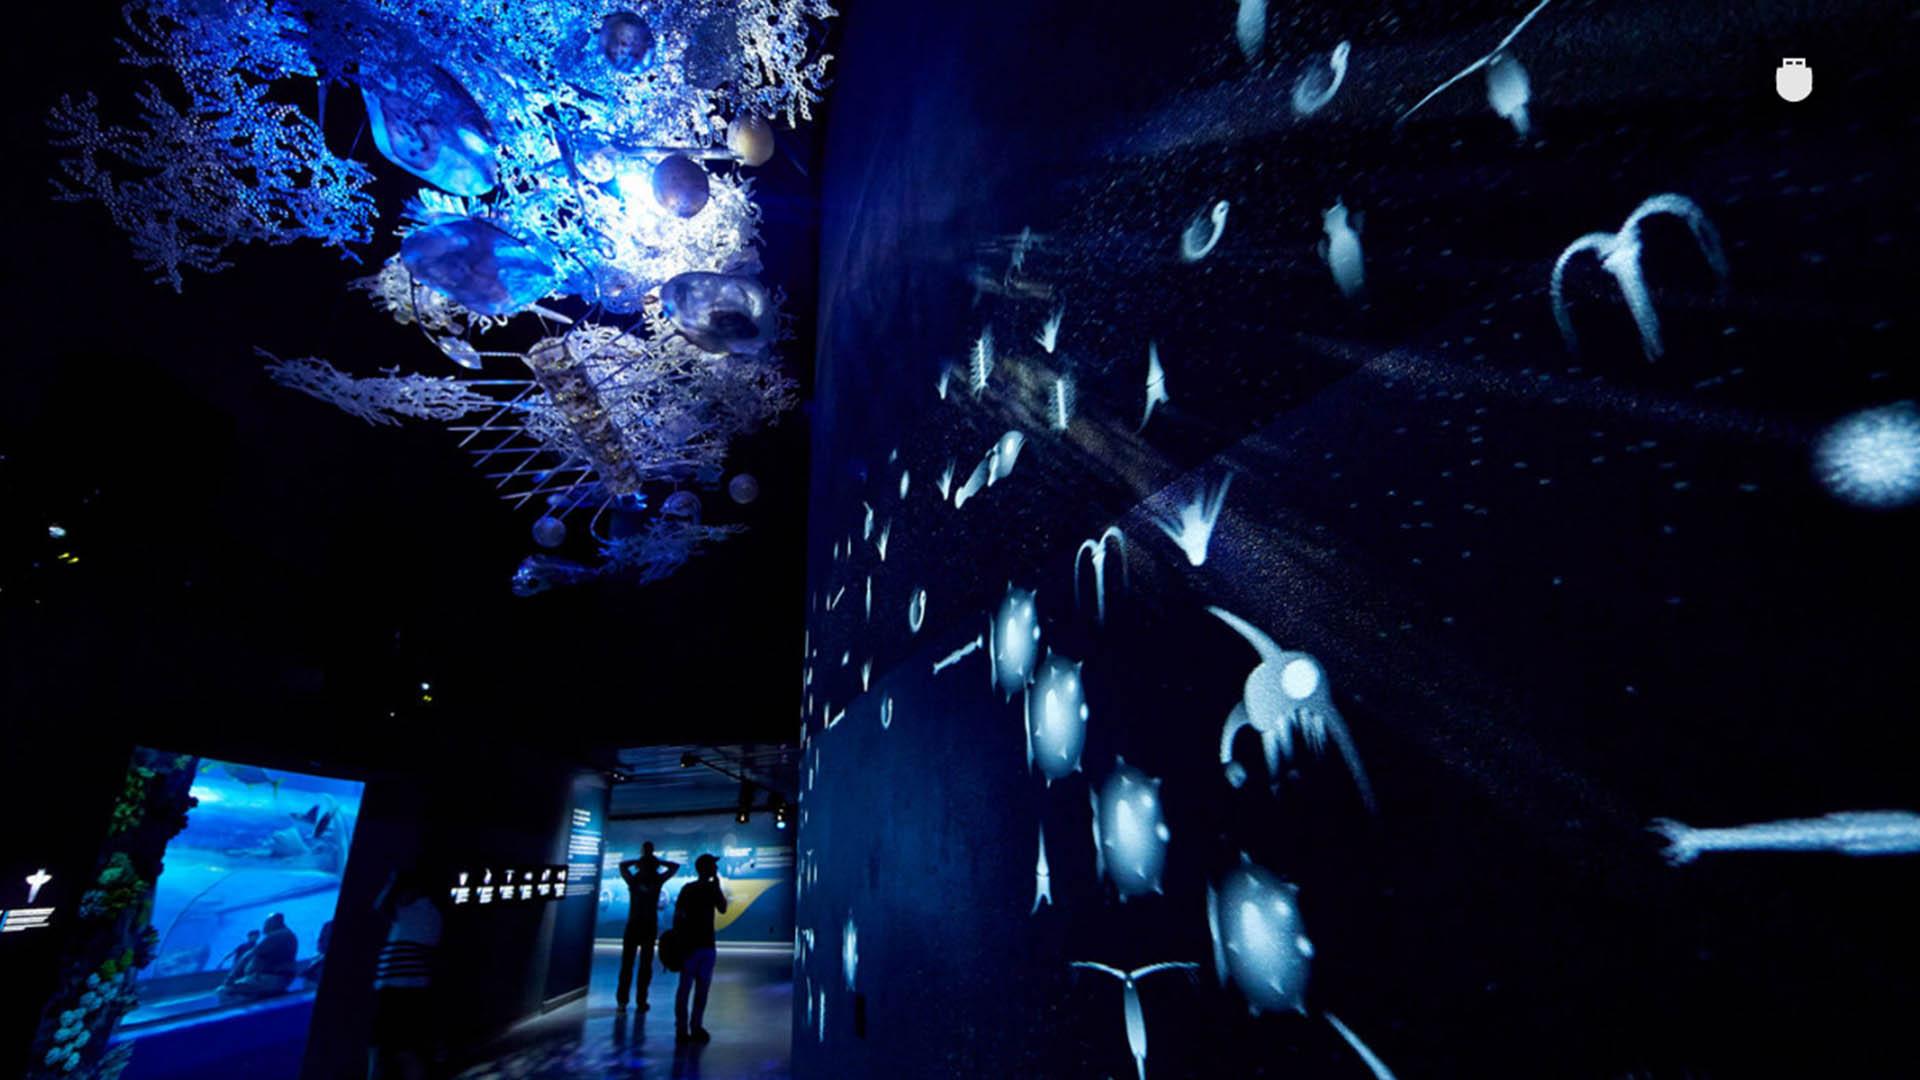 海瑞海洋科技科学馆